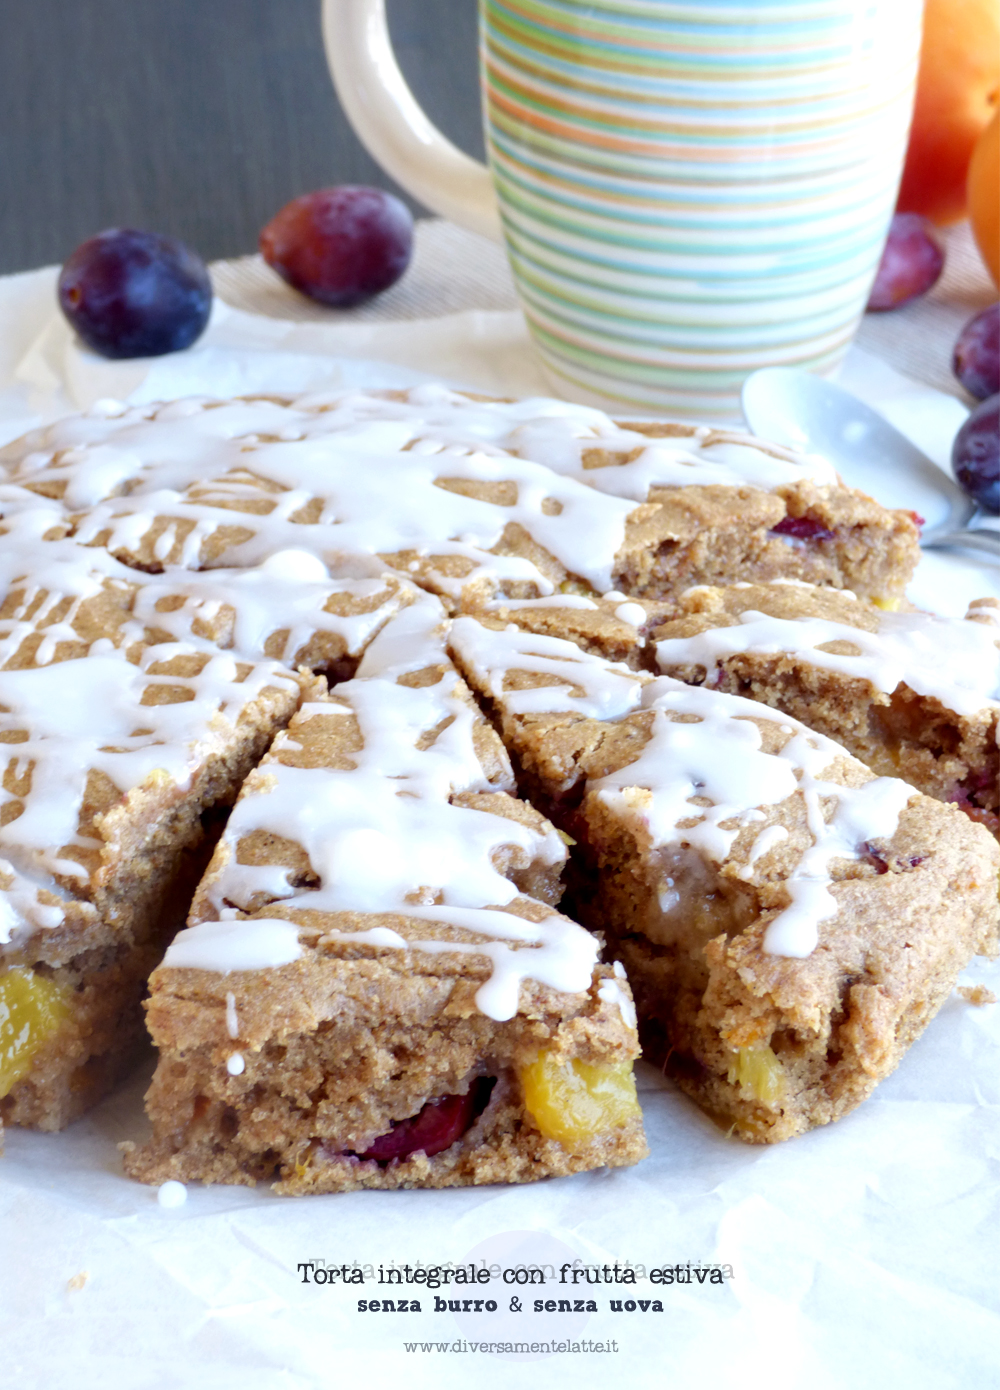 torta integrale con frutta estiva senza burro senza uova